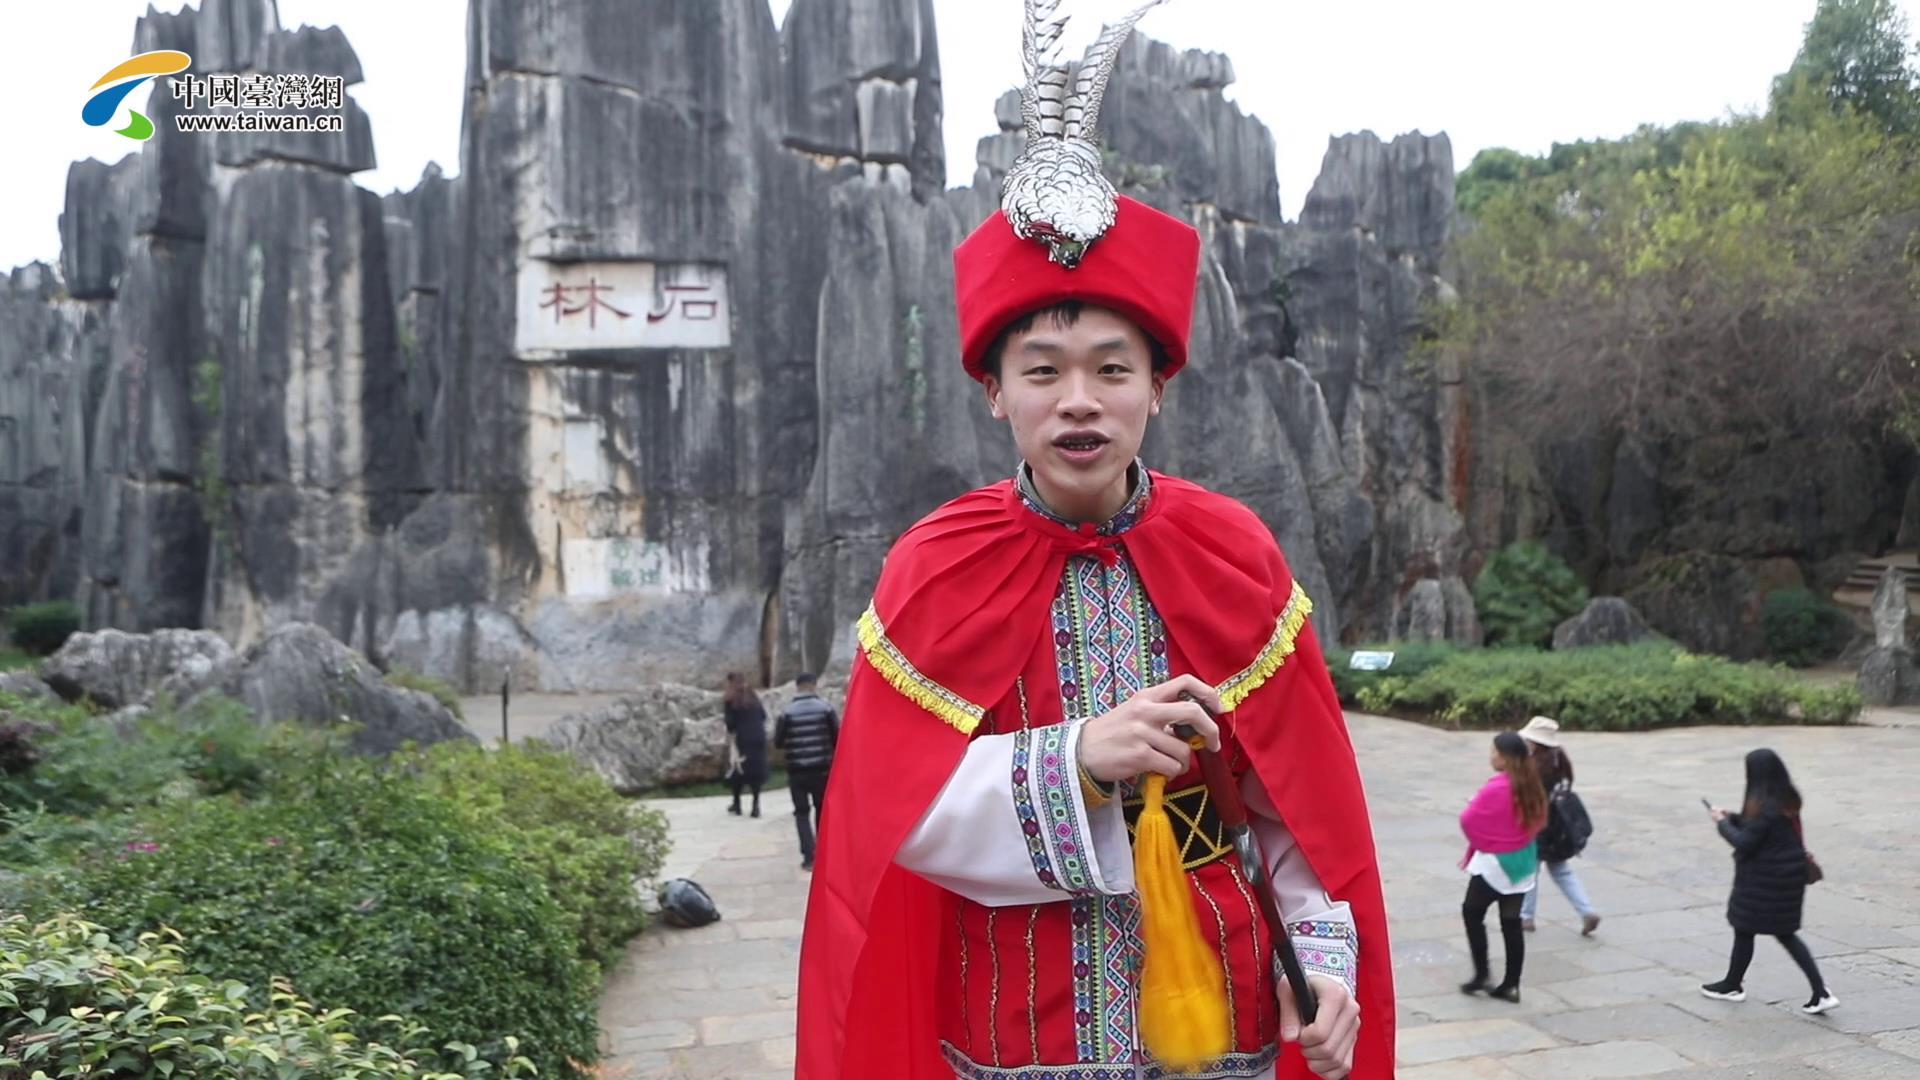 【雲南篇】臺灣小夥伴探訪雲南石林風景區 被眼前的一切所震驚!圖片